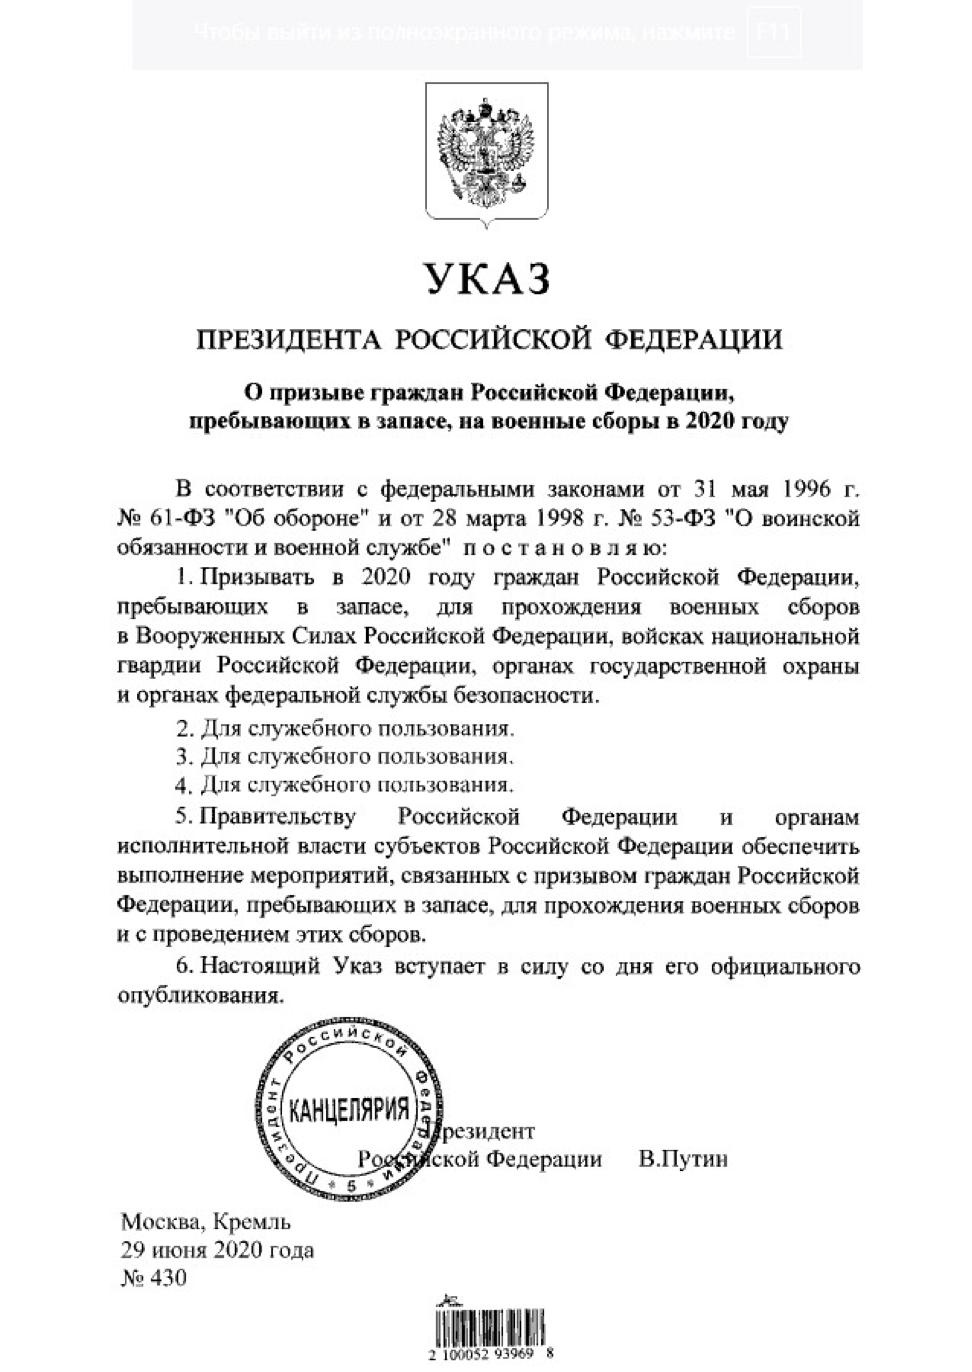 Указ о призыве граждан РФ пребывающих в запасе на военные сборы в 2020 году